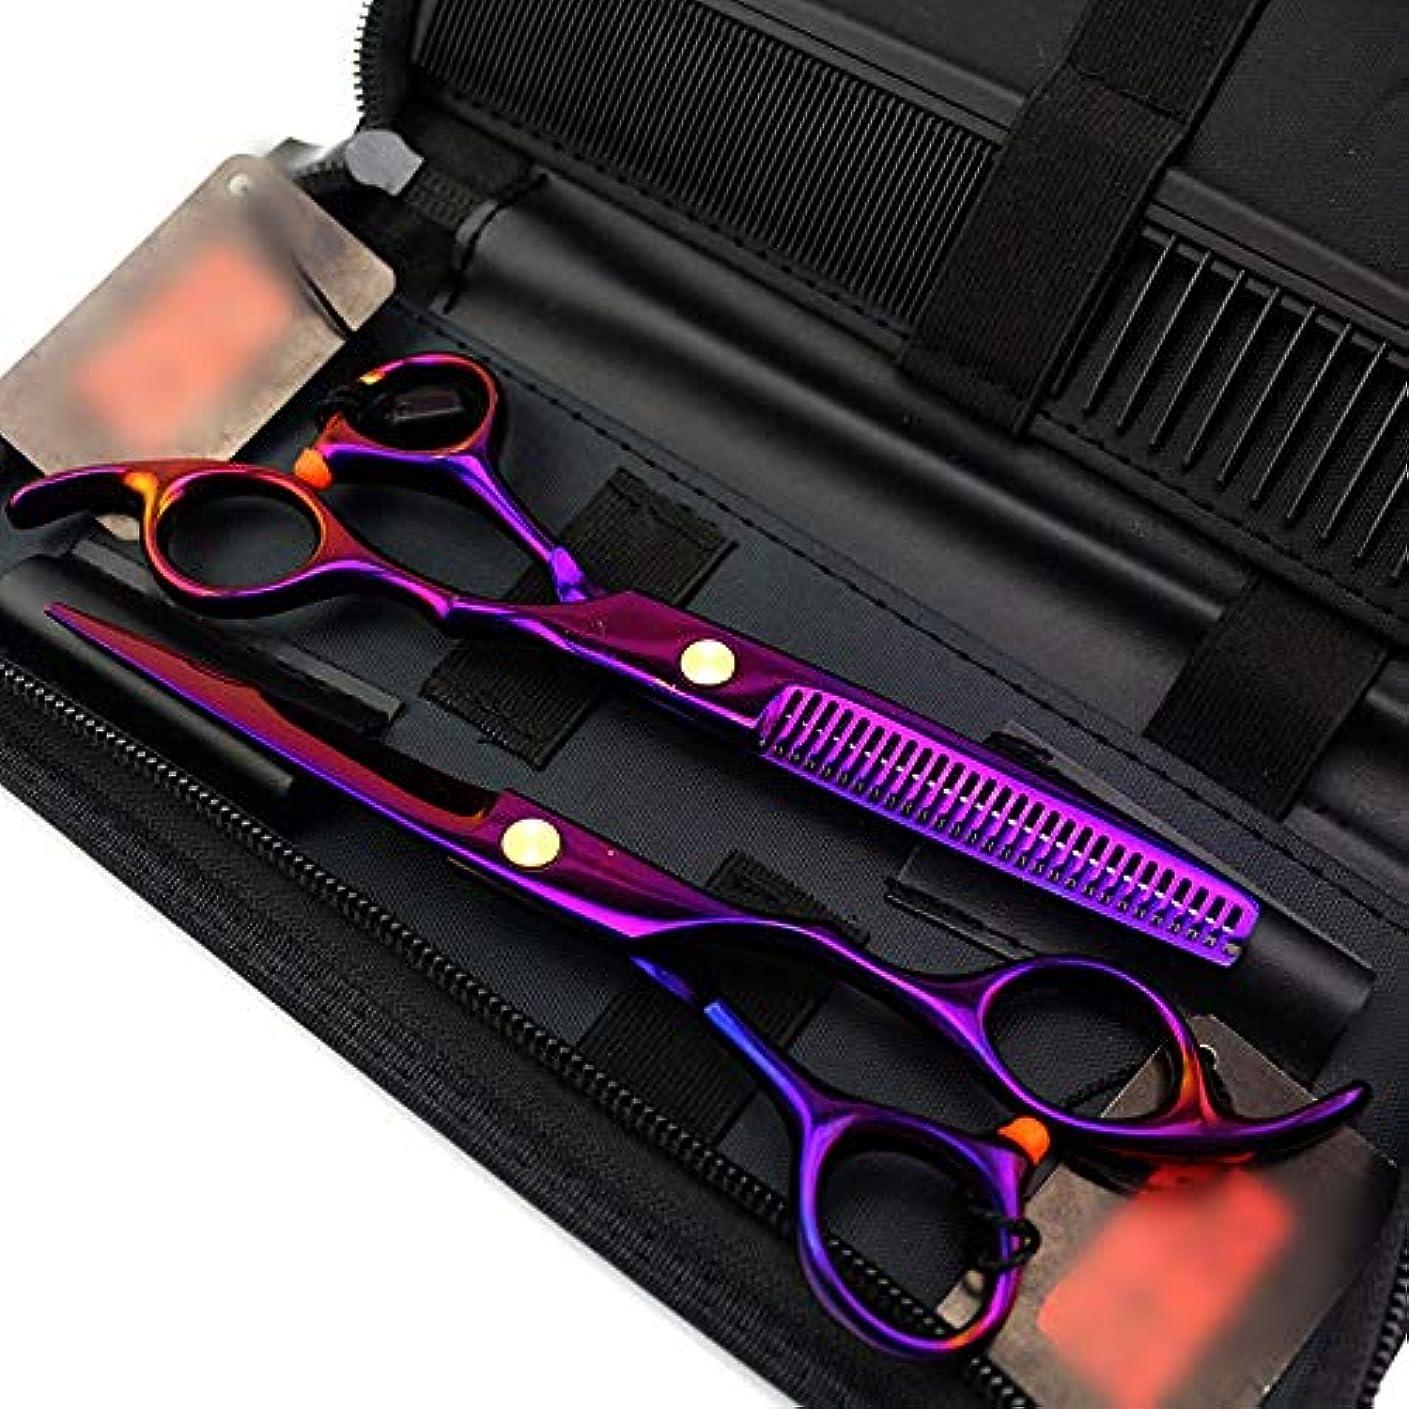 スタンド持っているガレージ6インチプロフェッショナル理髪セットパープル理髪はさみ、フラットせん断+歯シザー ヘアケア (色 : 紫の)